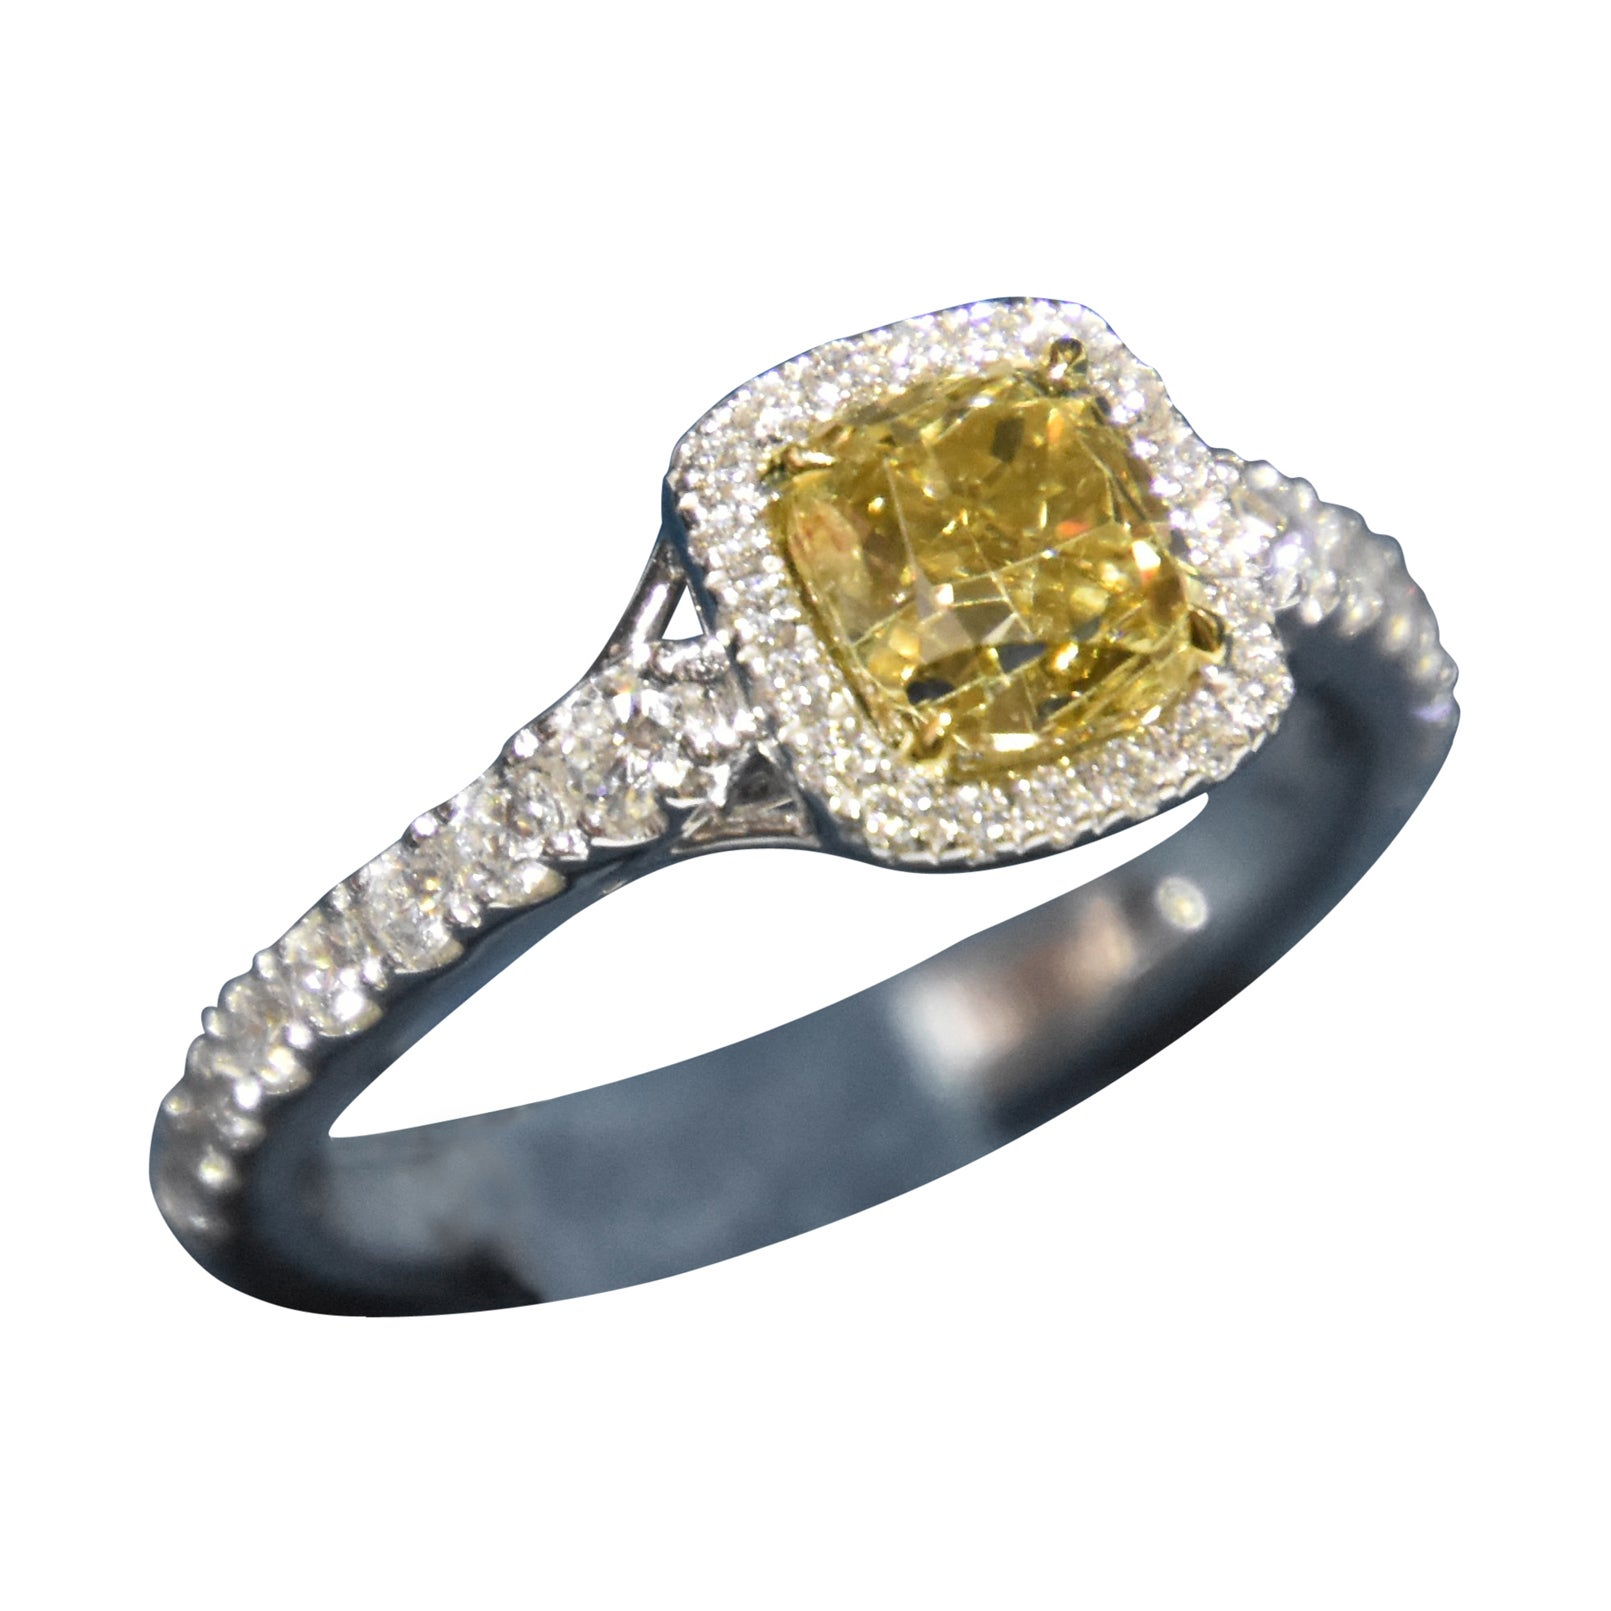 KAHN GIA Certified 1.58 Carat Fancy Brown Yellow Diamond Ring